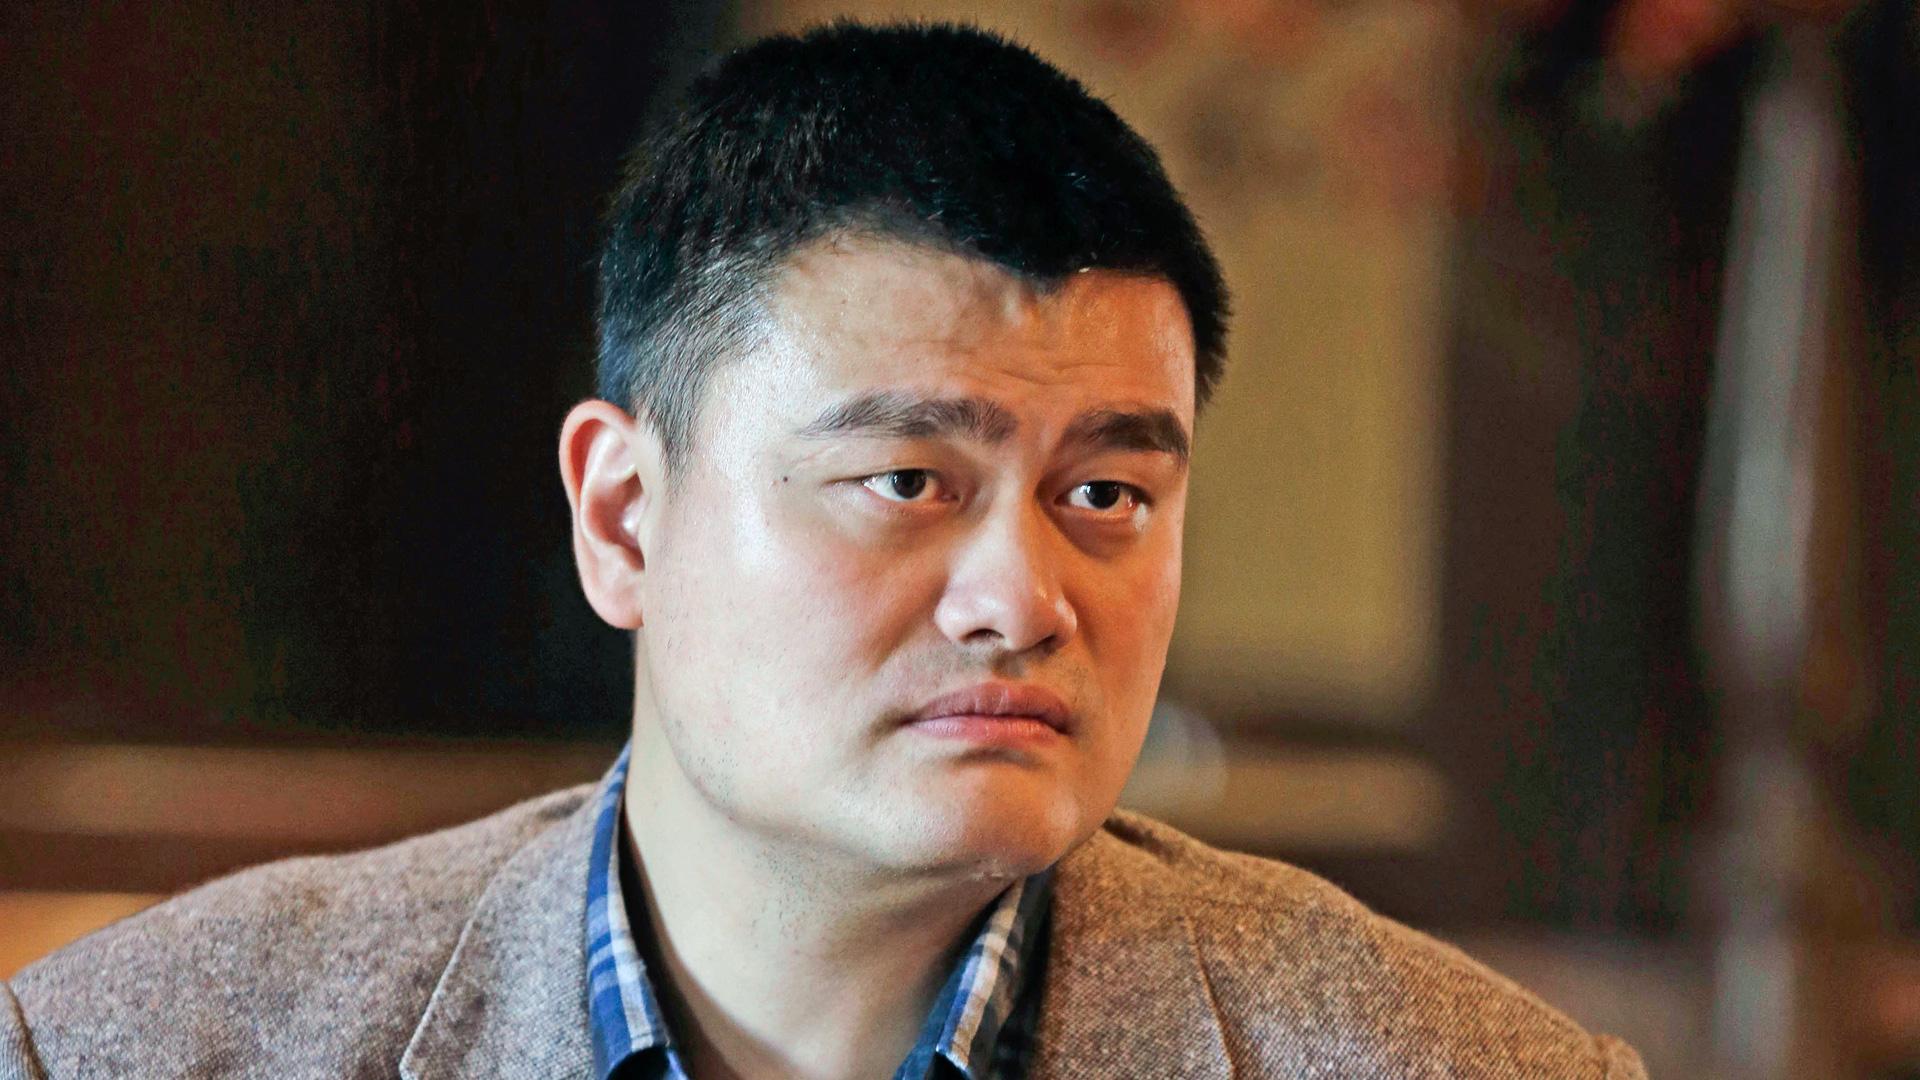 Yao Ming-052314-AP-FTR.jpg